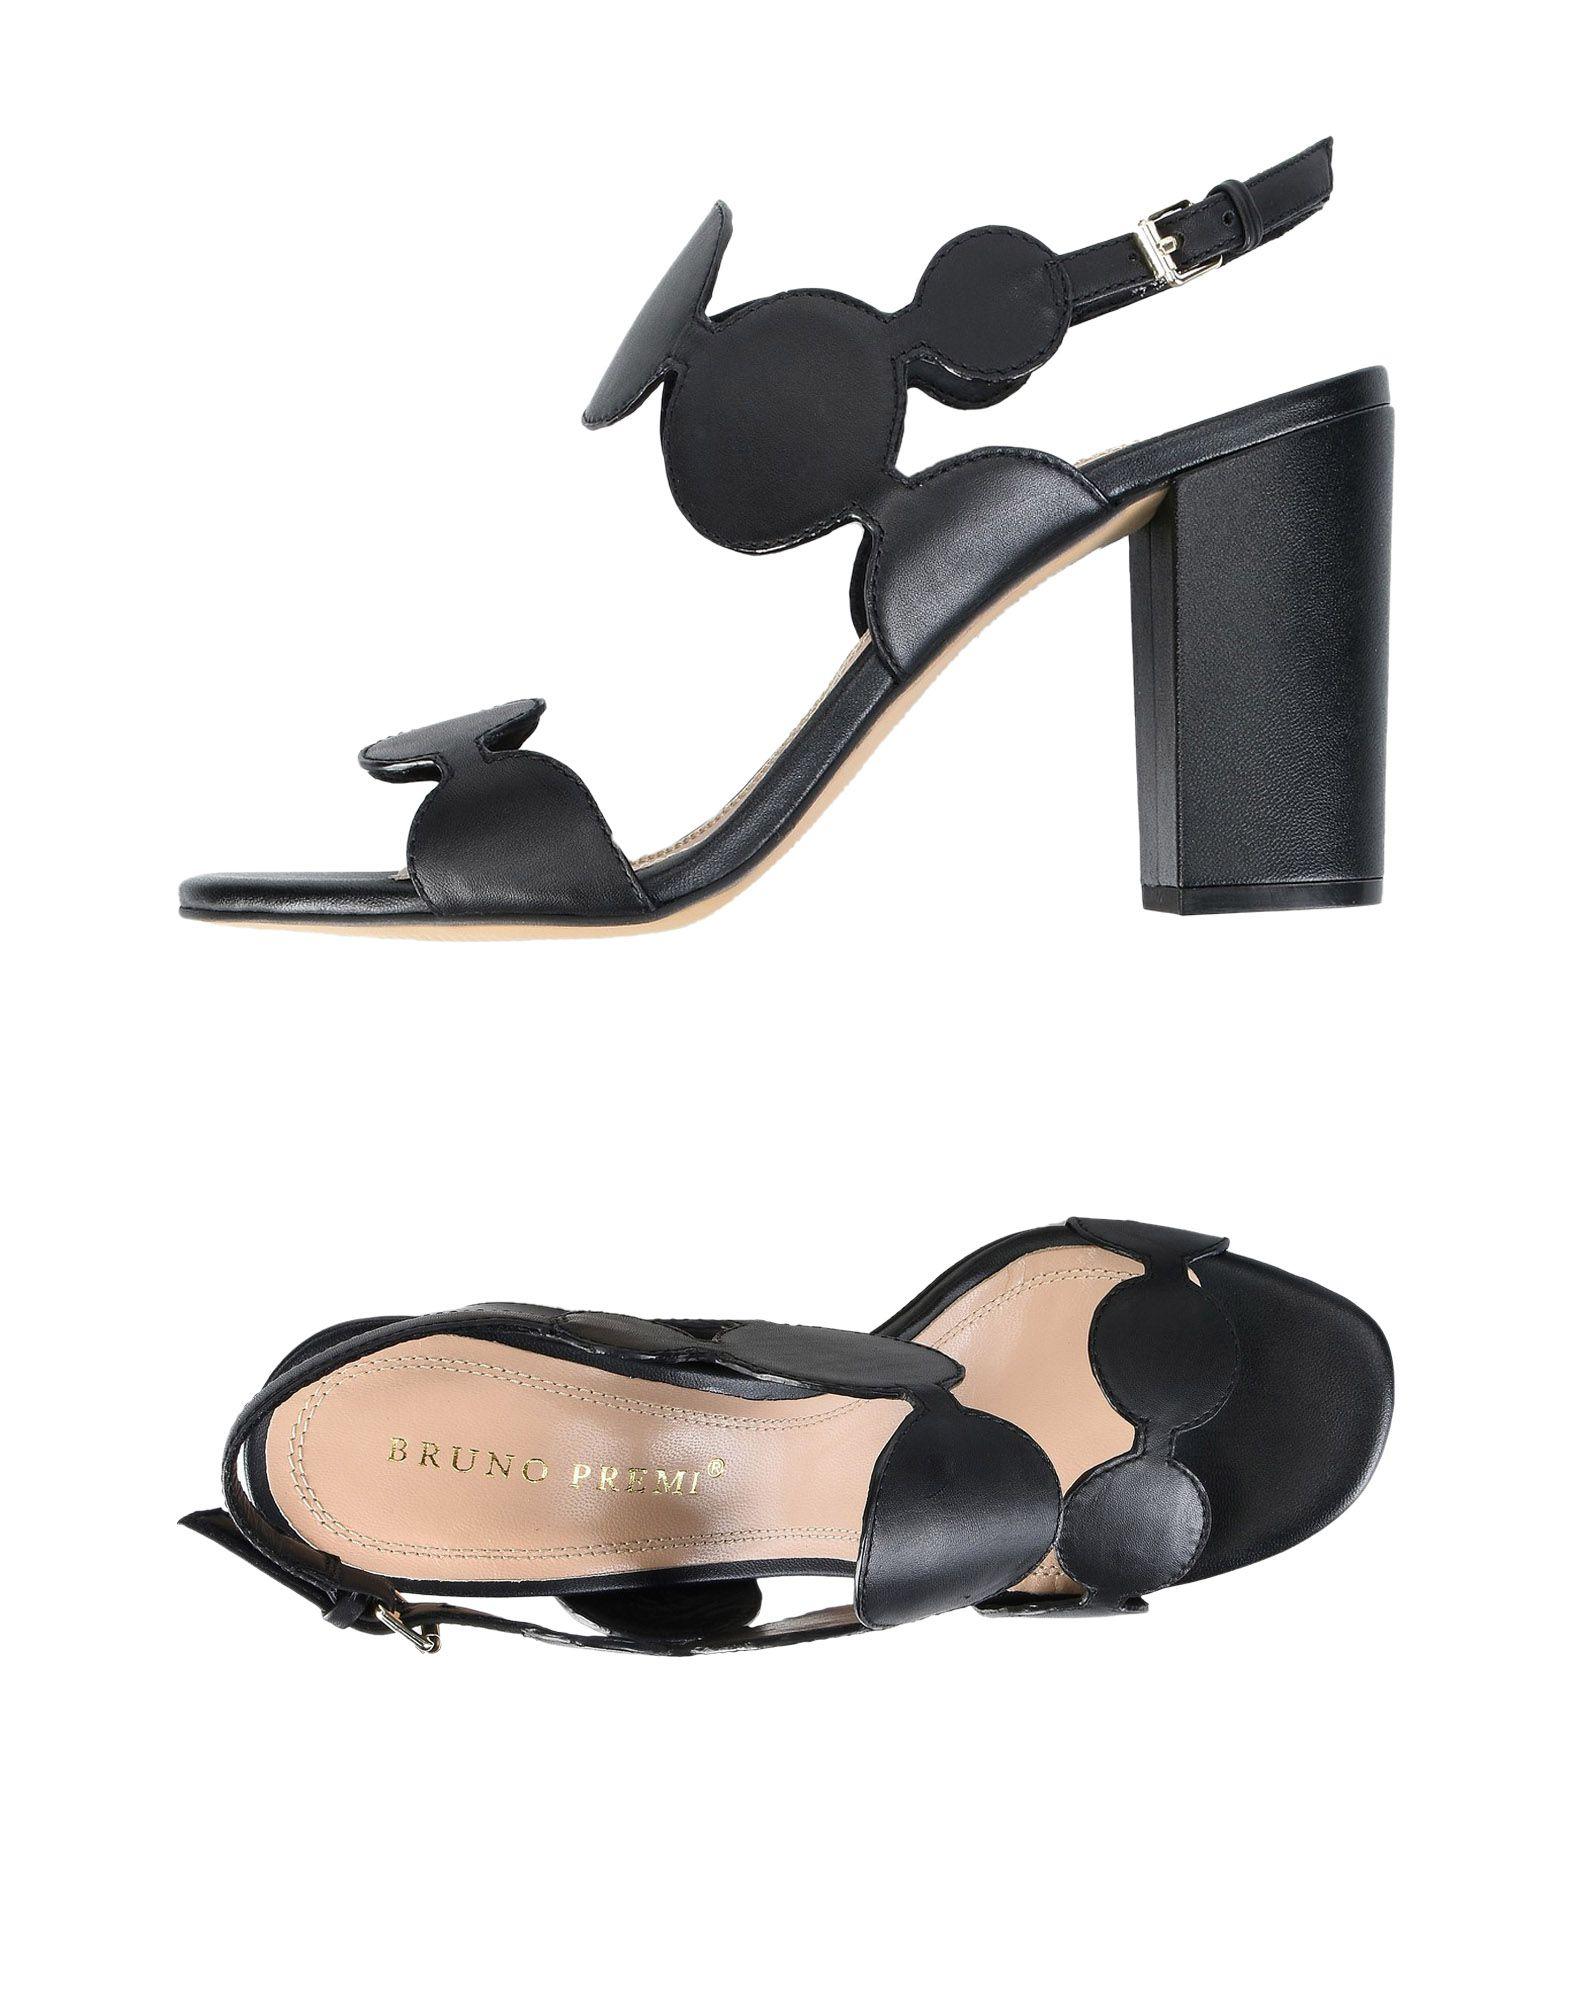 Bruno Premi Qualität Sandalen Damen  11443521LR Gute Qualität Premi beliebte Schuhe 4a0252